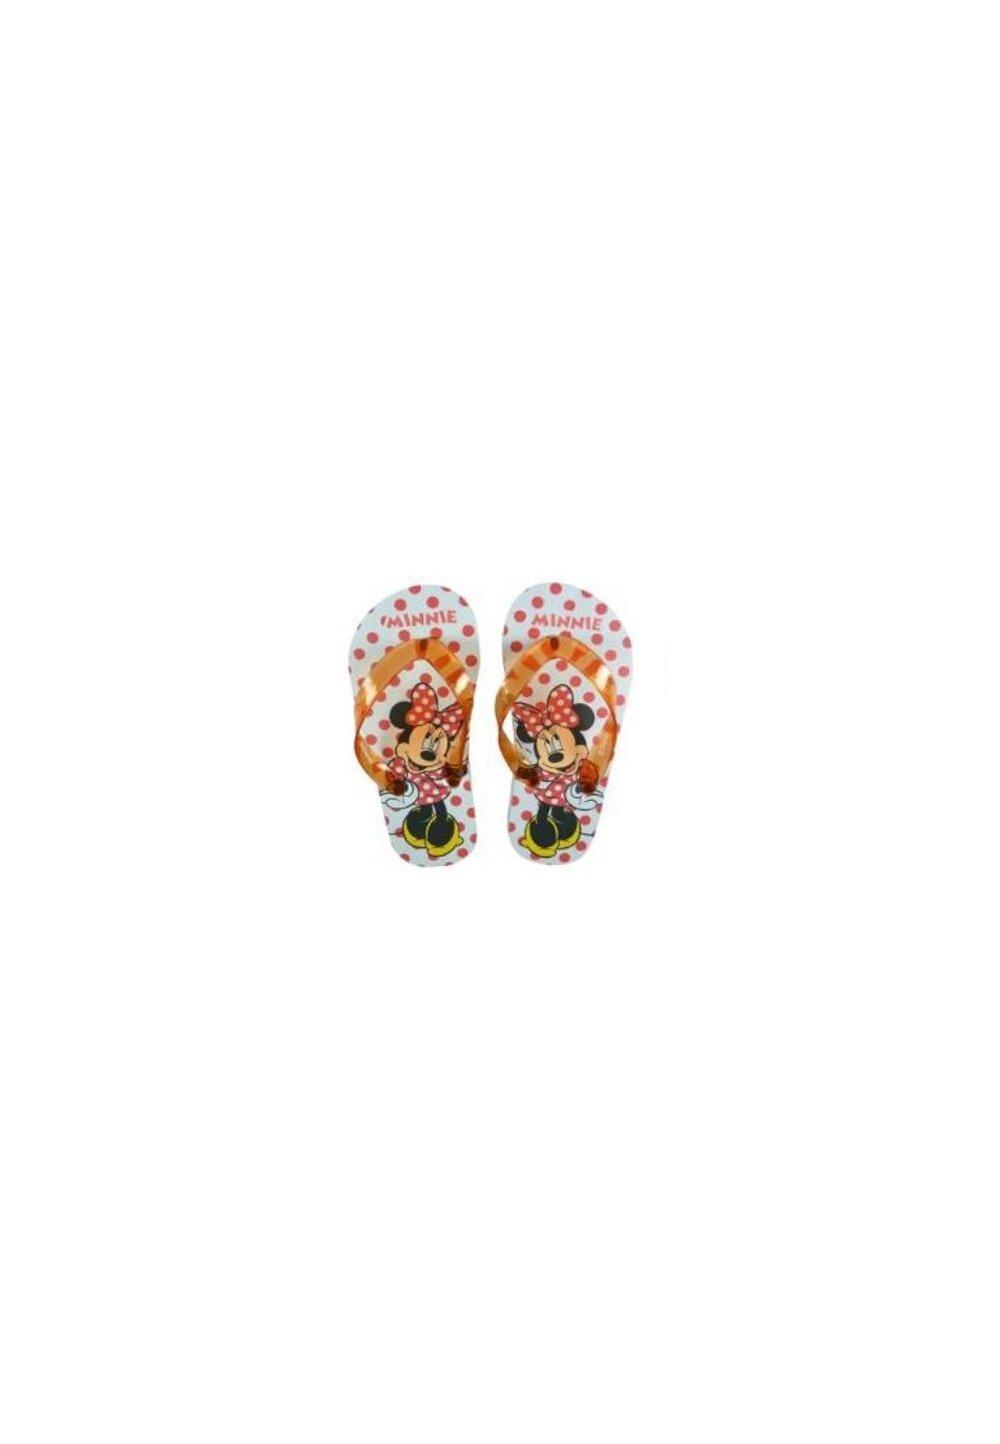 Papuci flip-flop, Minnie, cu buline rosii imagine